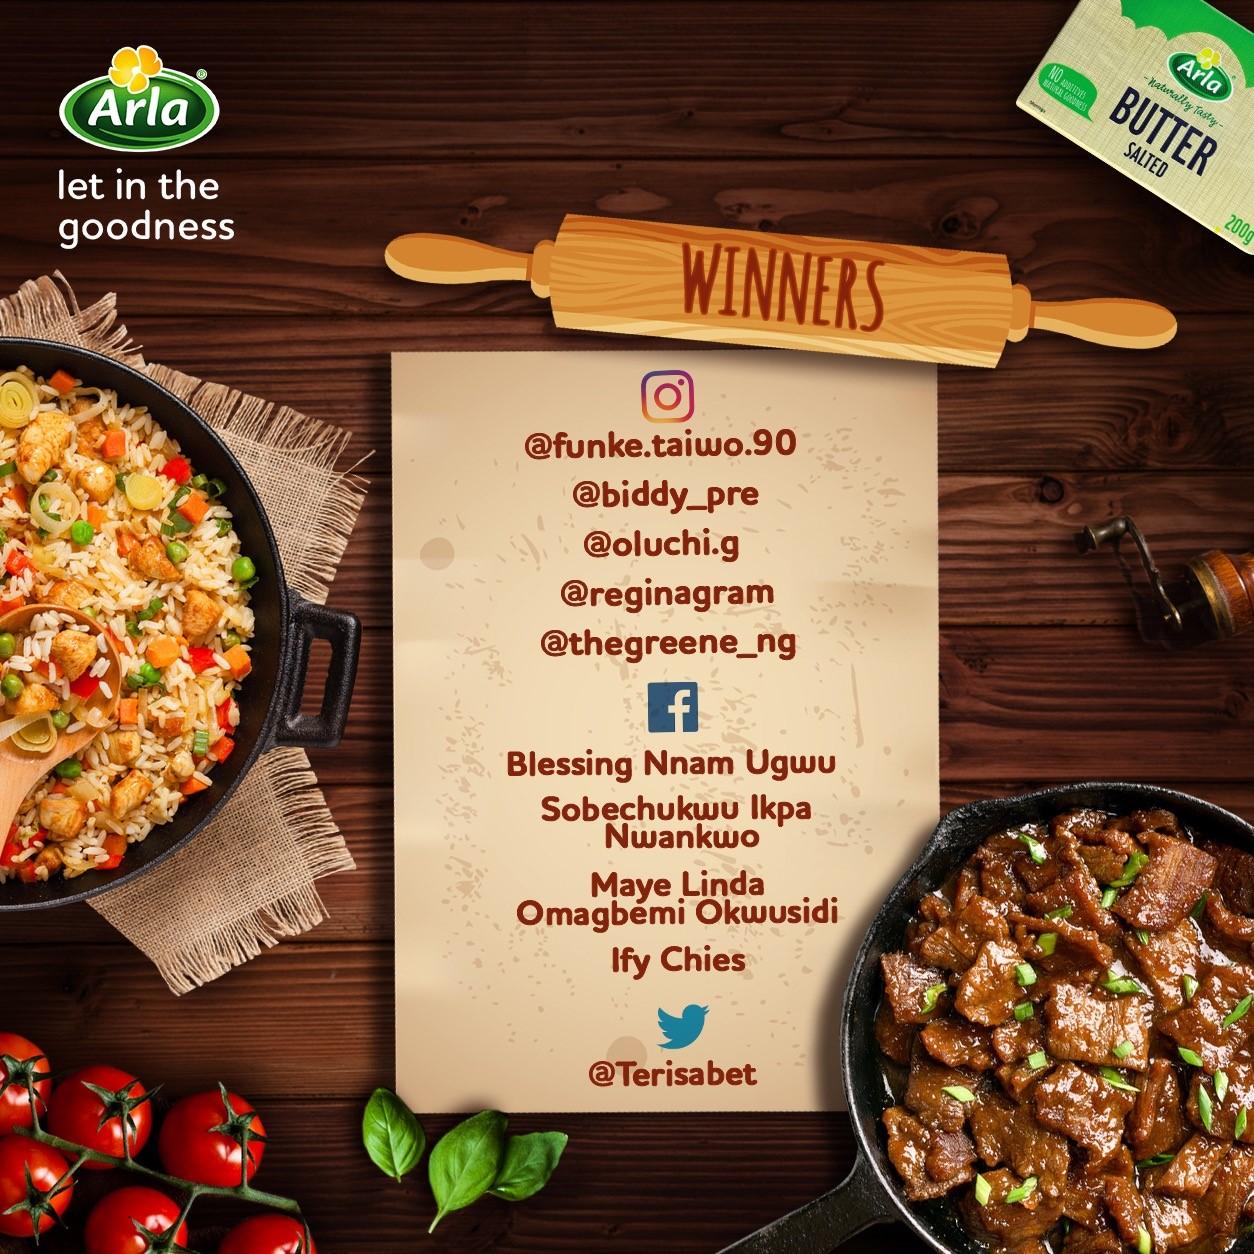 Winners of Arla Nigeria N5,000 Giveaway.